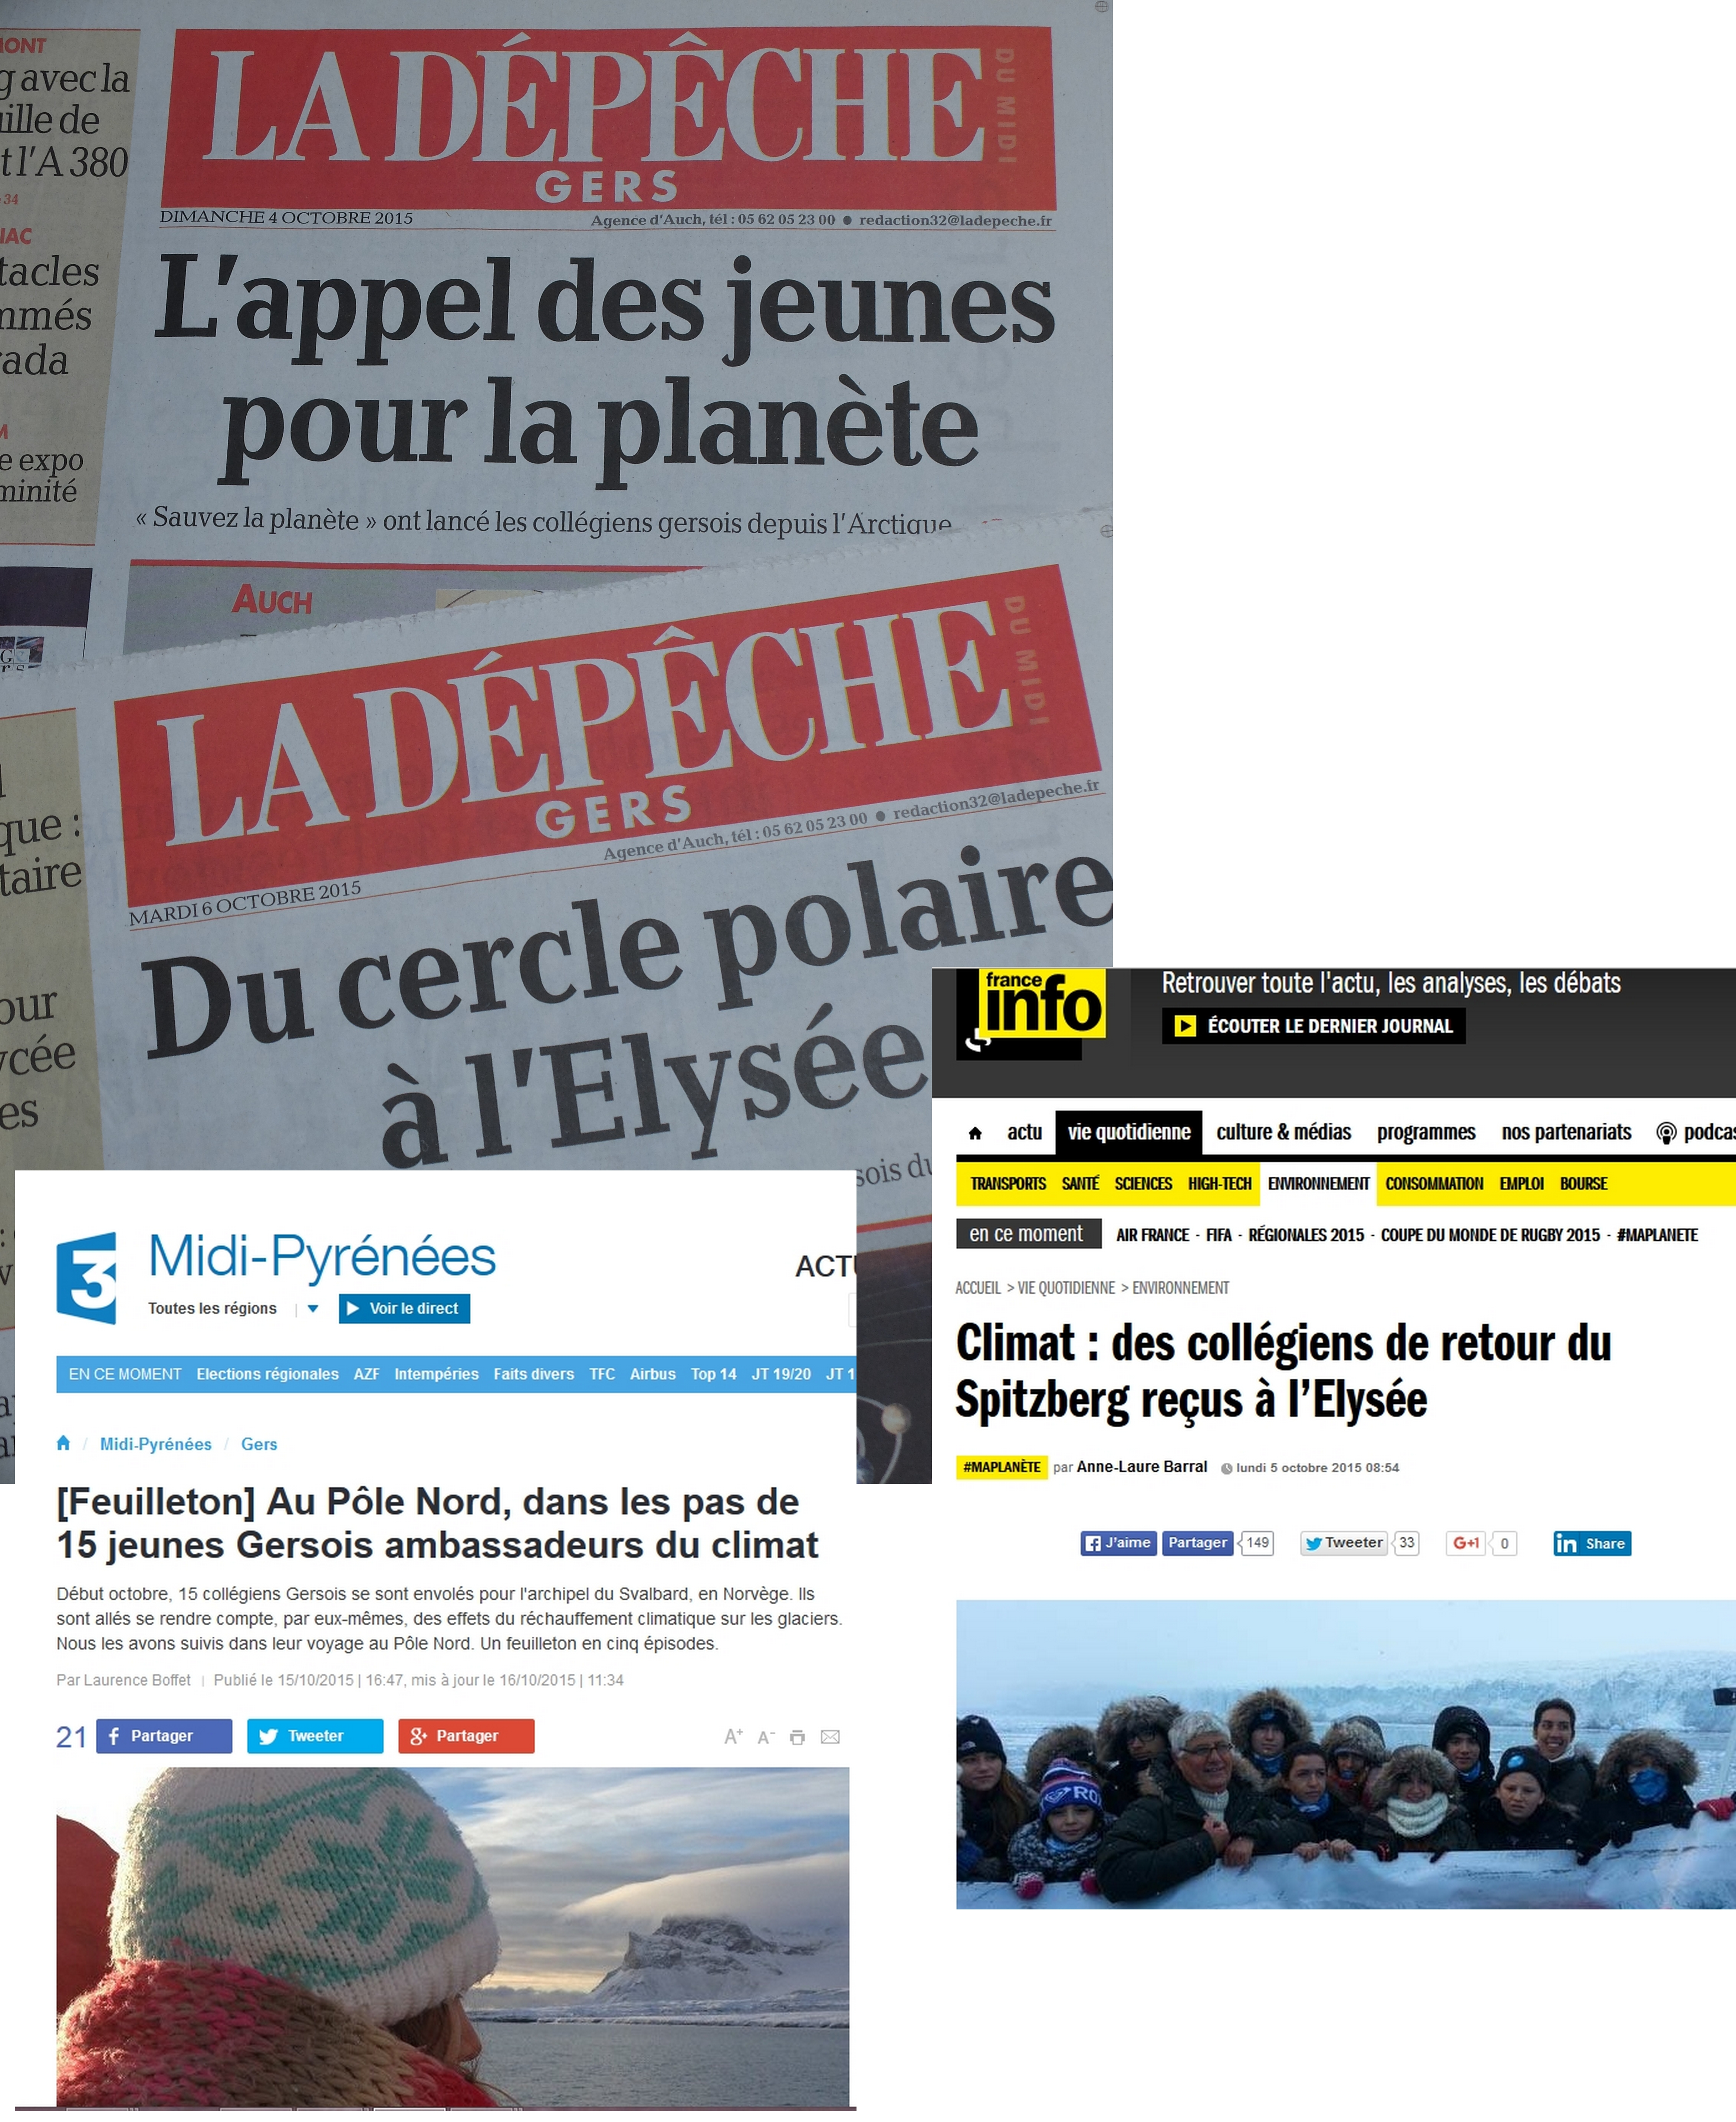 Montage_depehce_FR_3_FrInfo.jpg